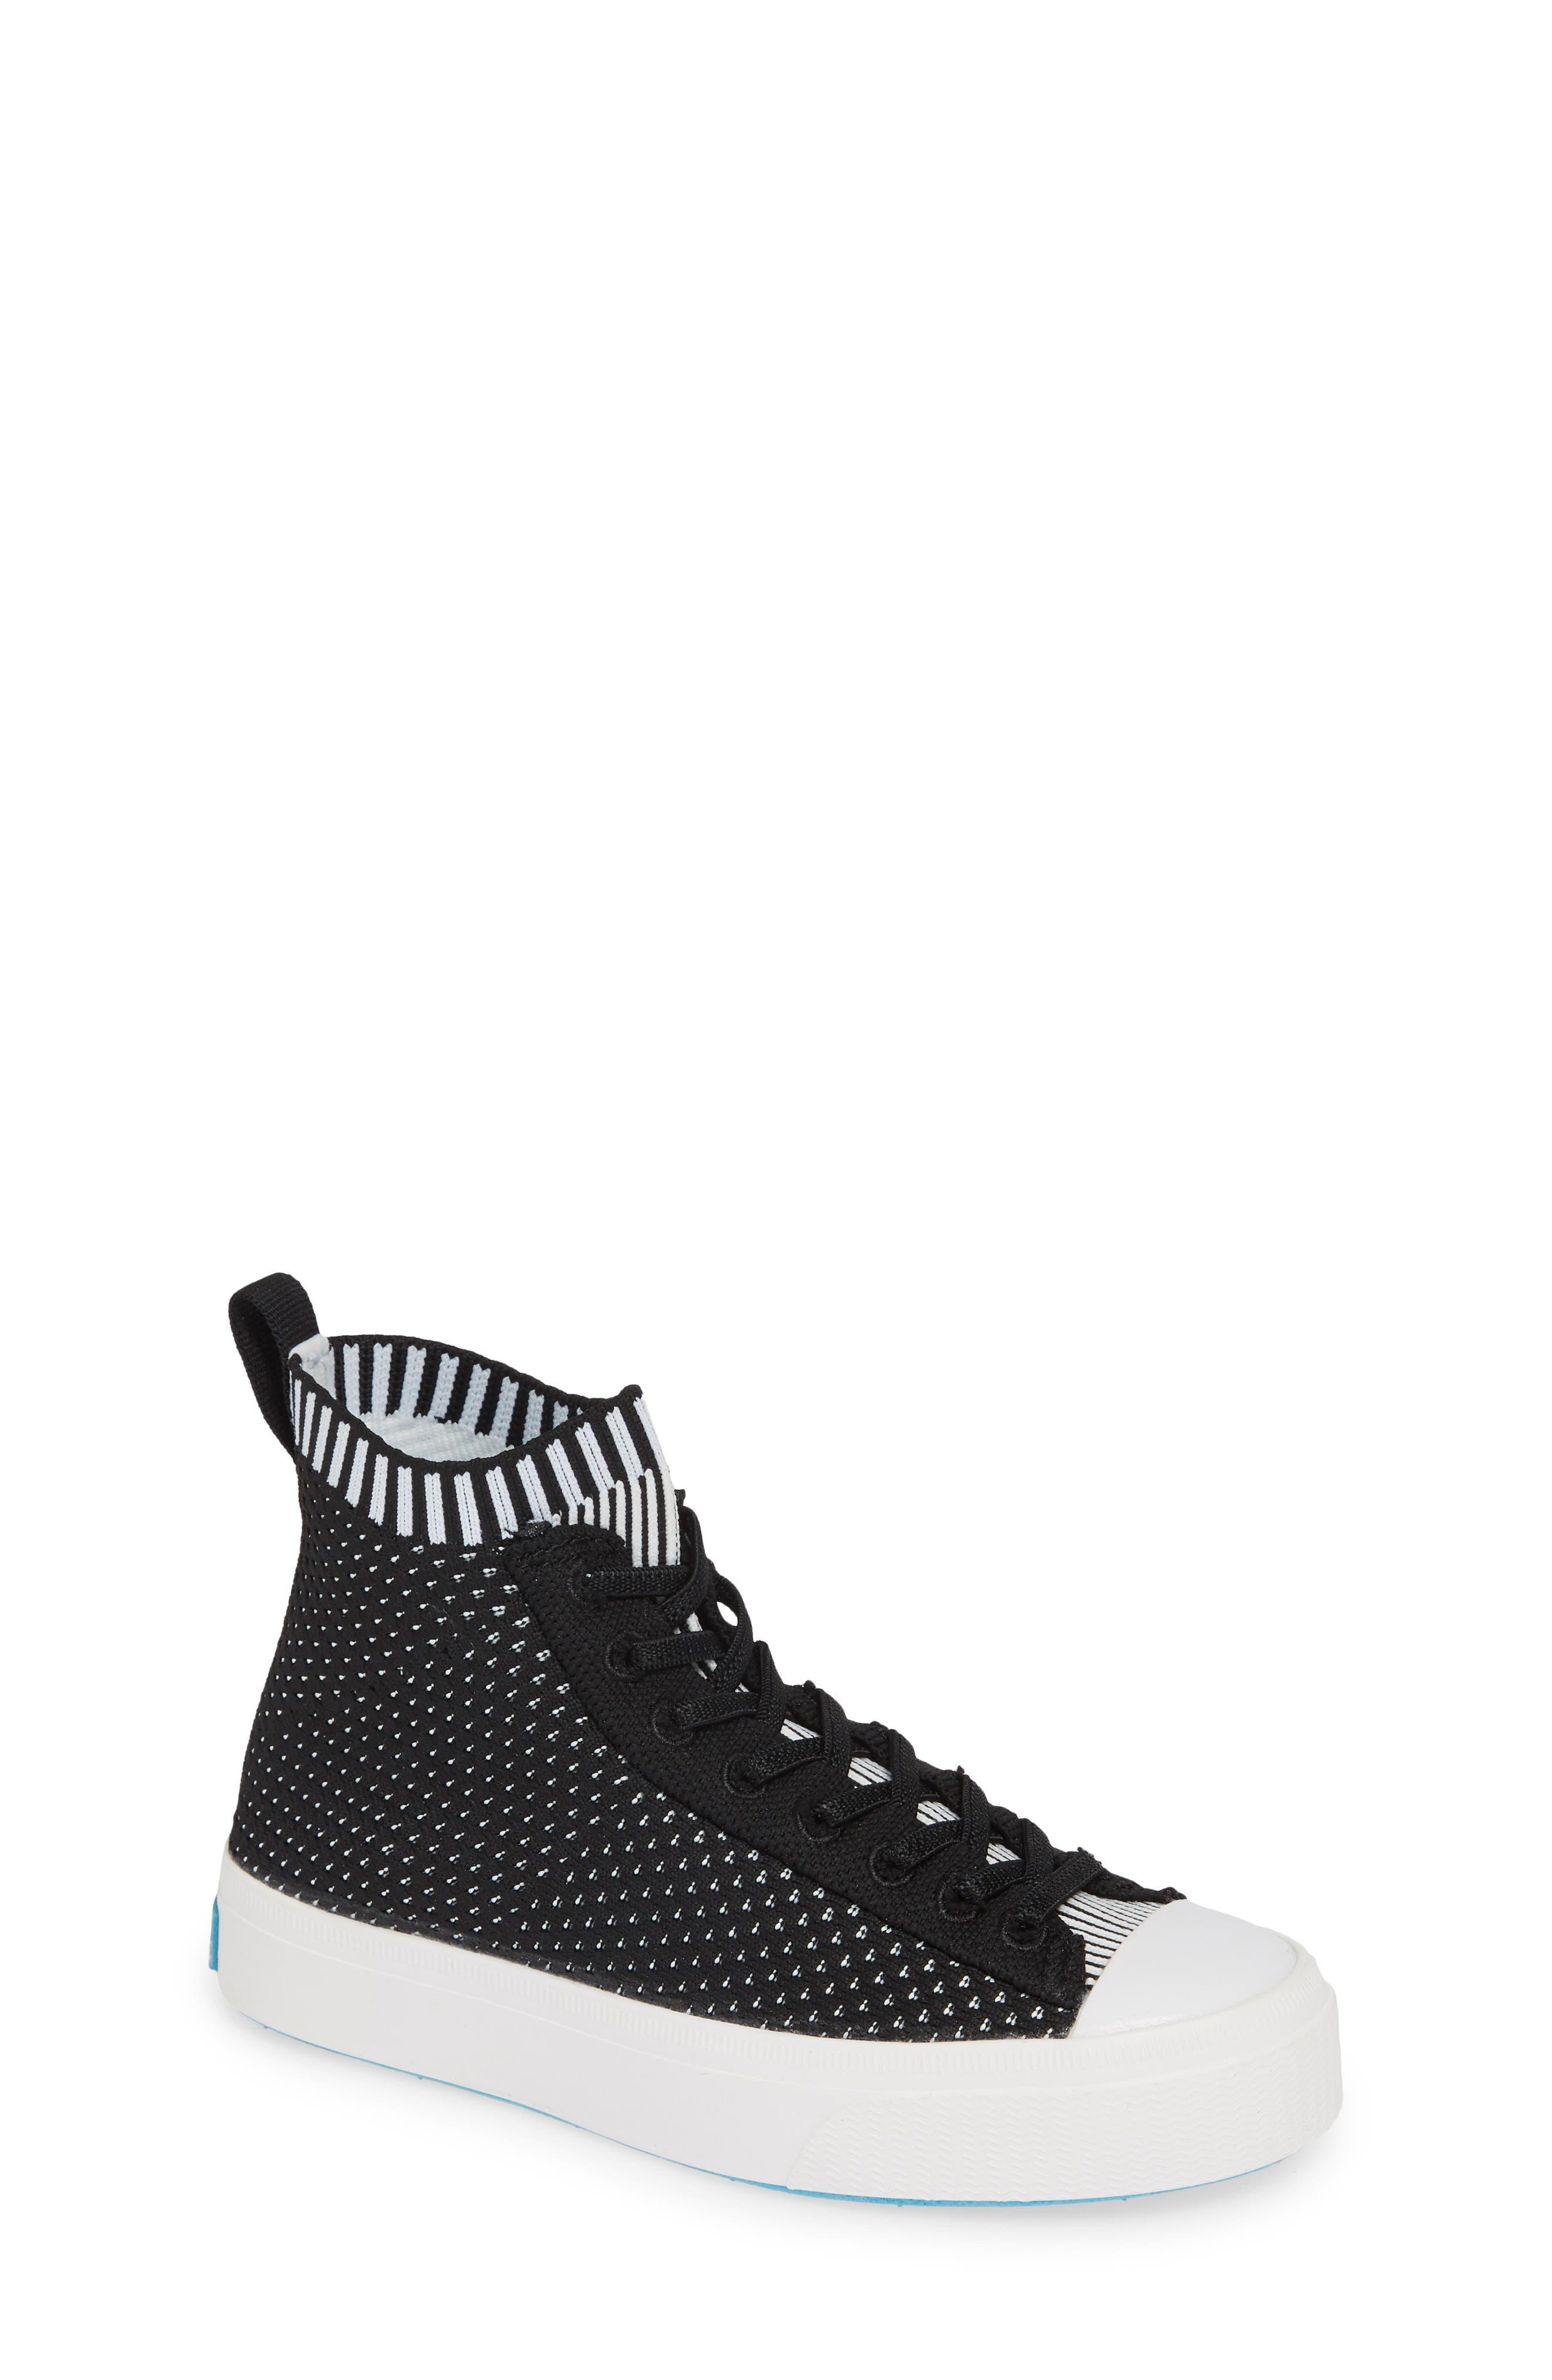 Jefferson 2.0 LiteKnit Vegan High Top Sneaker, Main, color, JIFFY BLACK/ SHELL WHITE